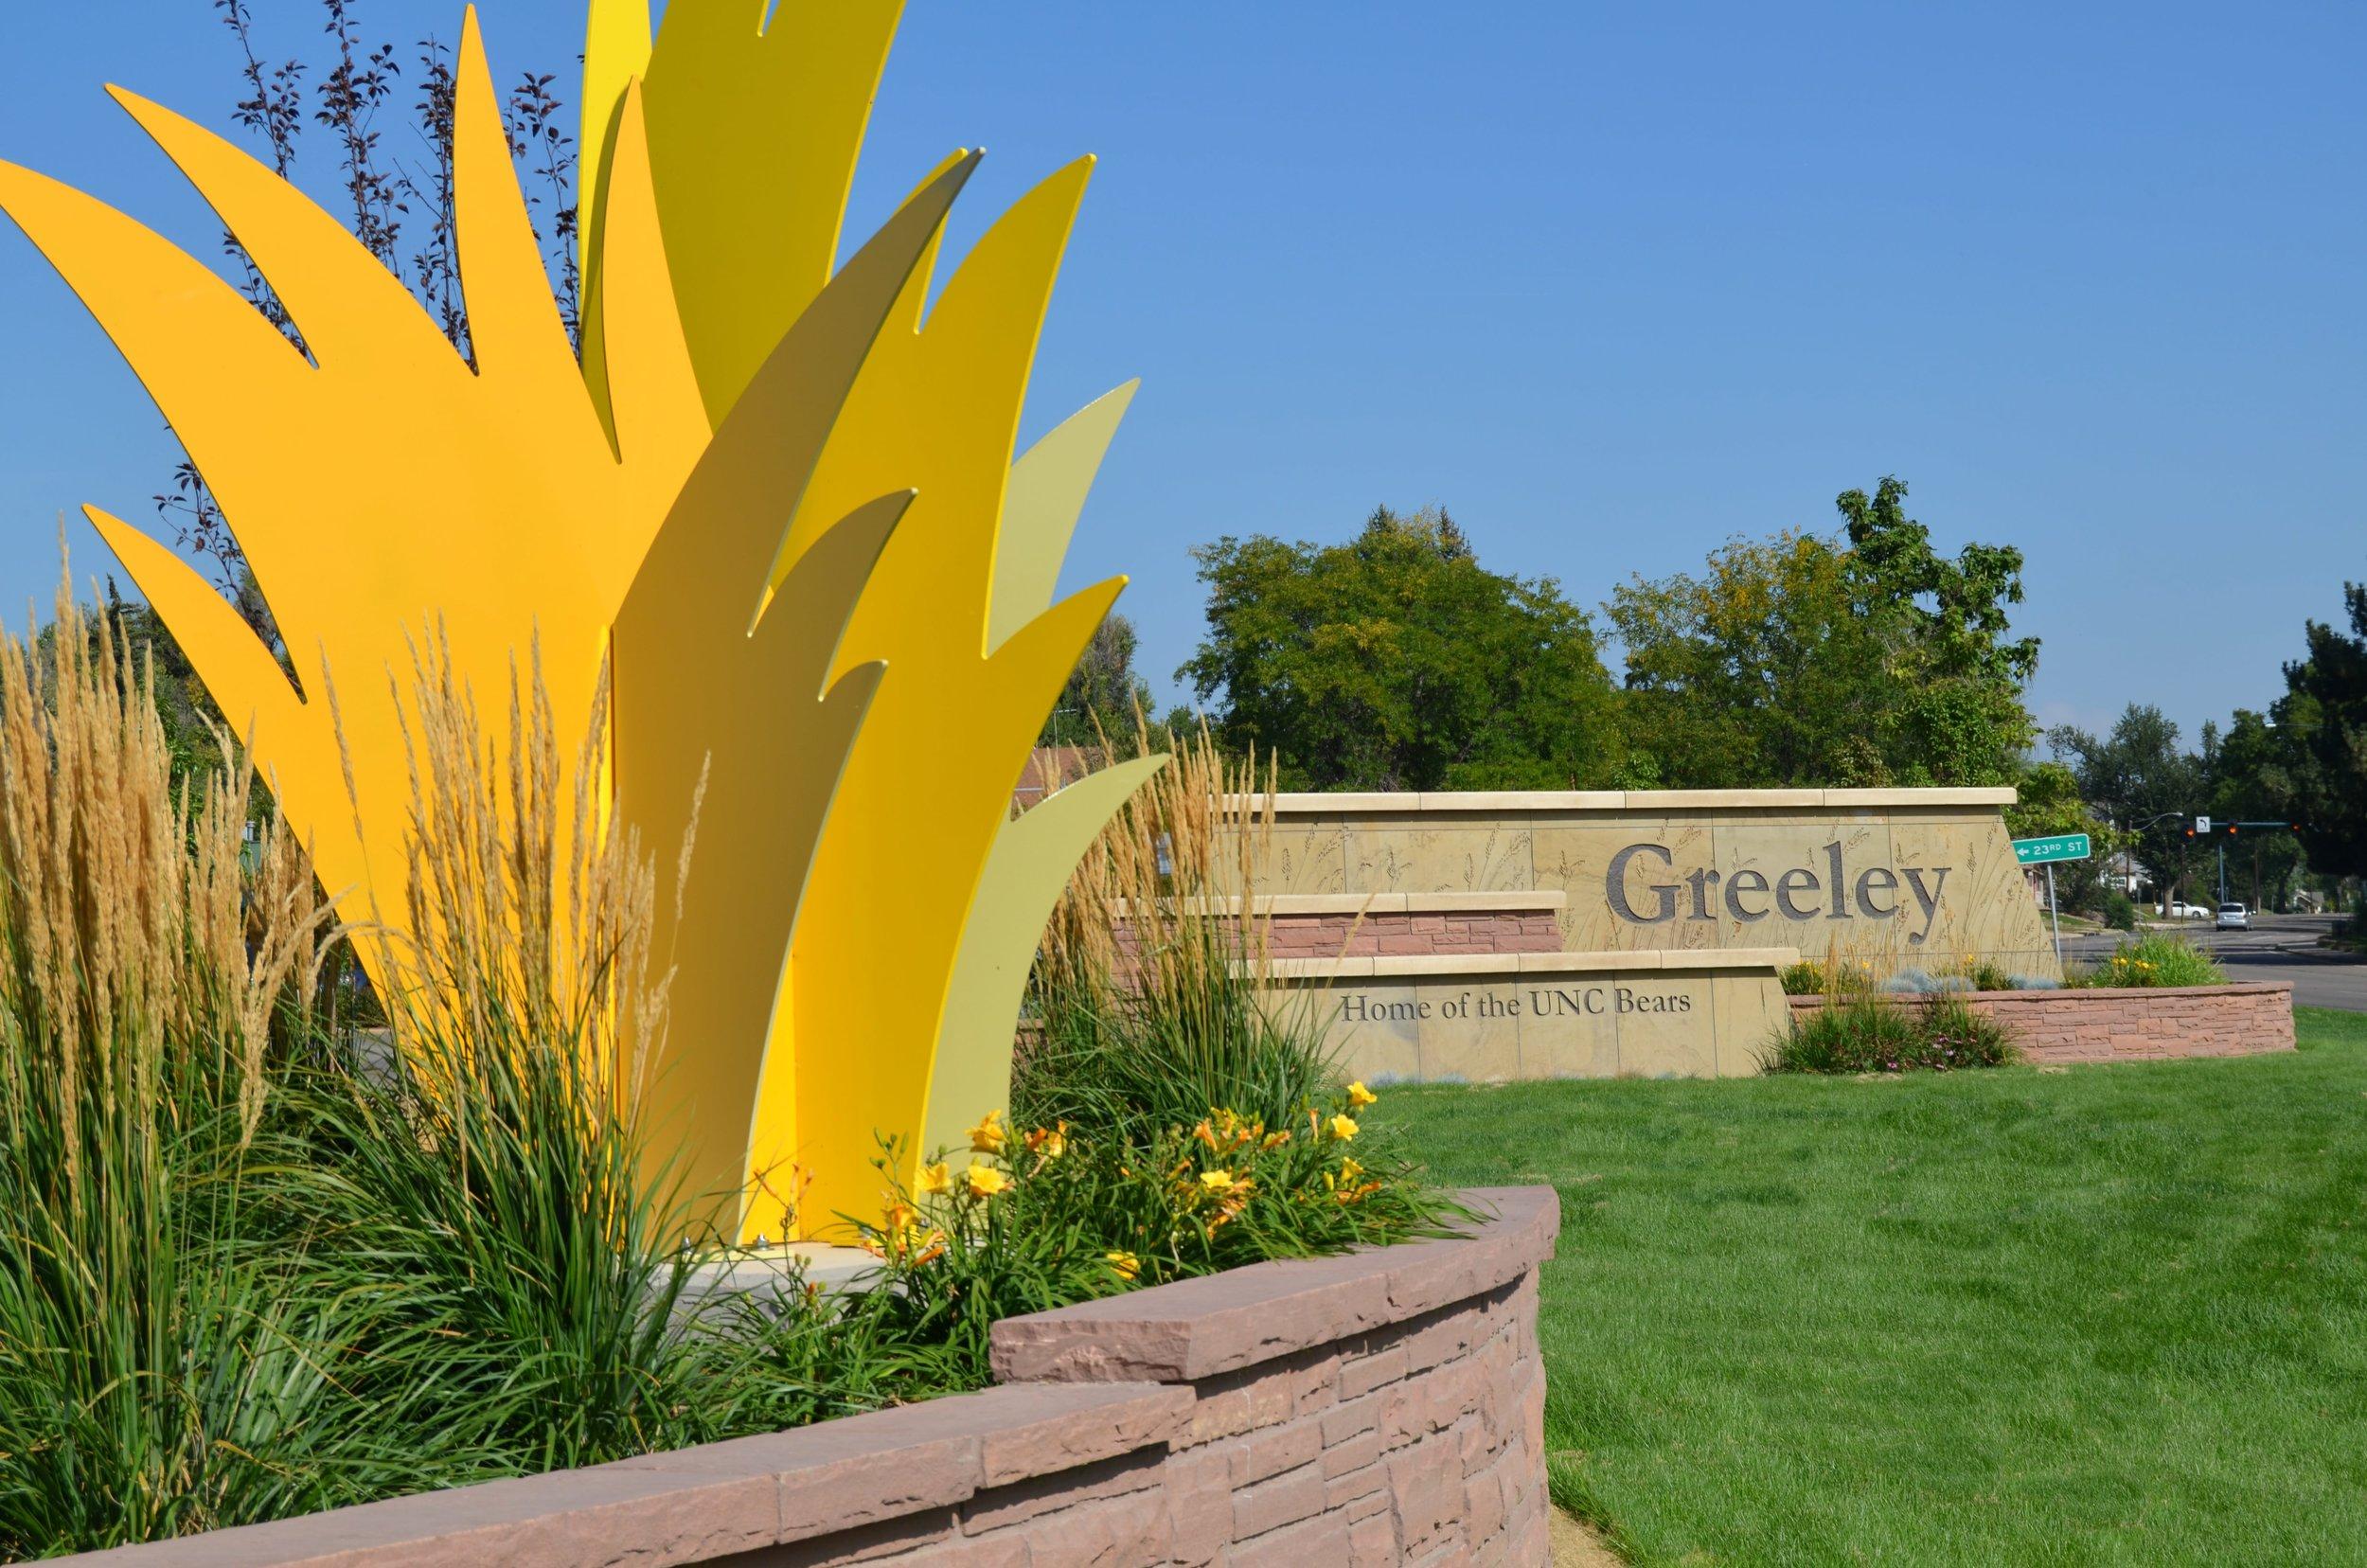 Greeley_Colorado_8th_Ave_Entryway_Grasslands_by_Barbara_Baer-min.jpg